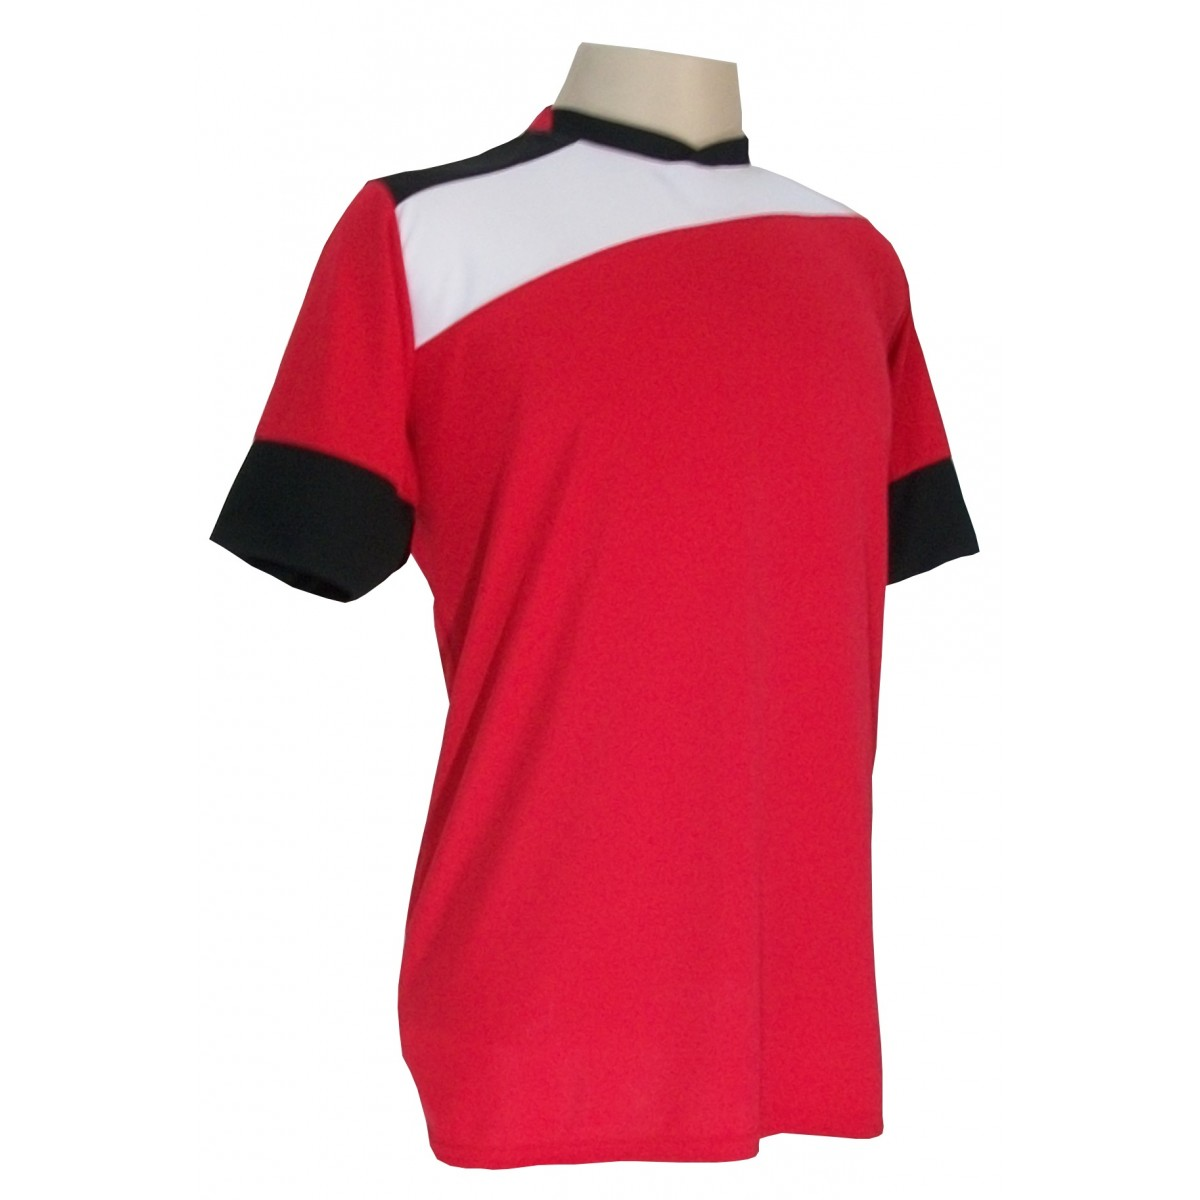 Uniforme Esportivo com 14 camisas modelo Sporting Vermelho/Branco/Preto + 14 calções modelo Madrid + 1 Goleiro + Brindes